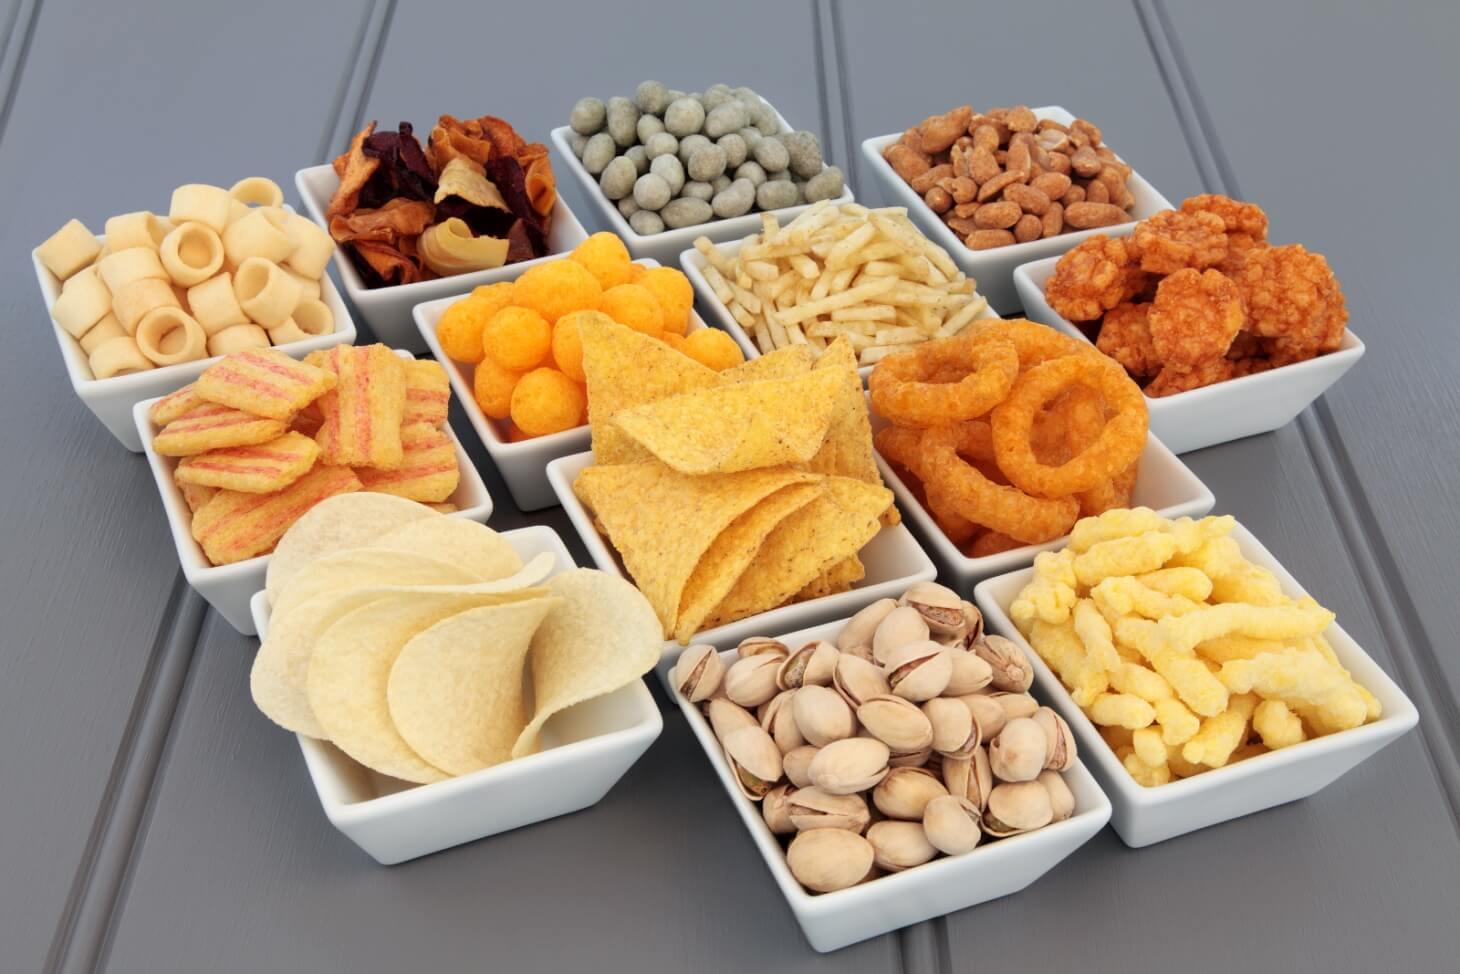 Из-за каких продуктов в рационе постоянно хочется есть